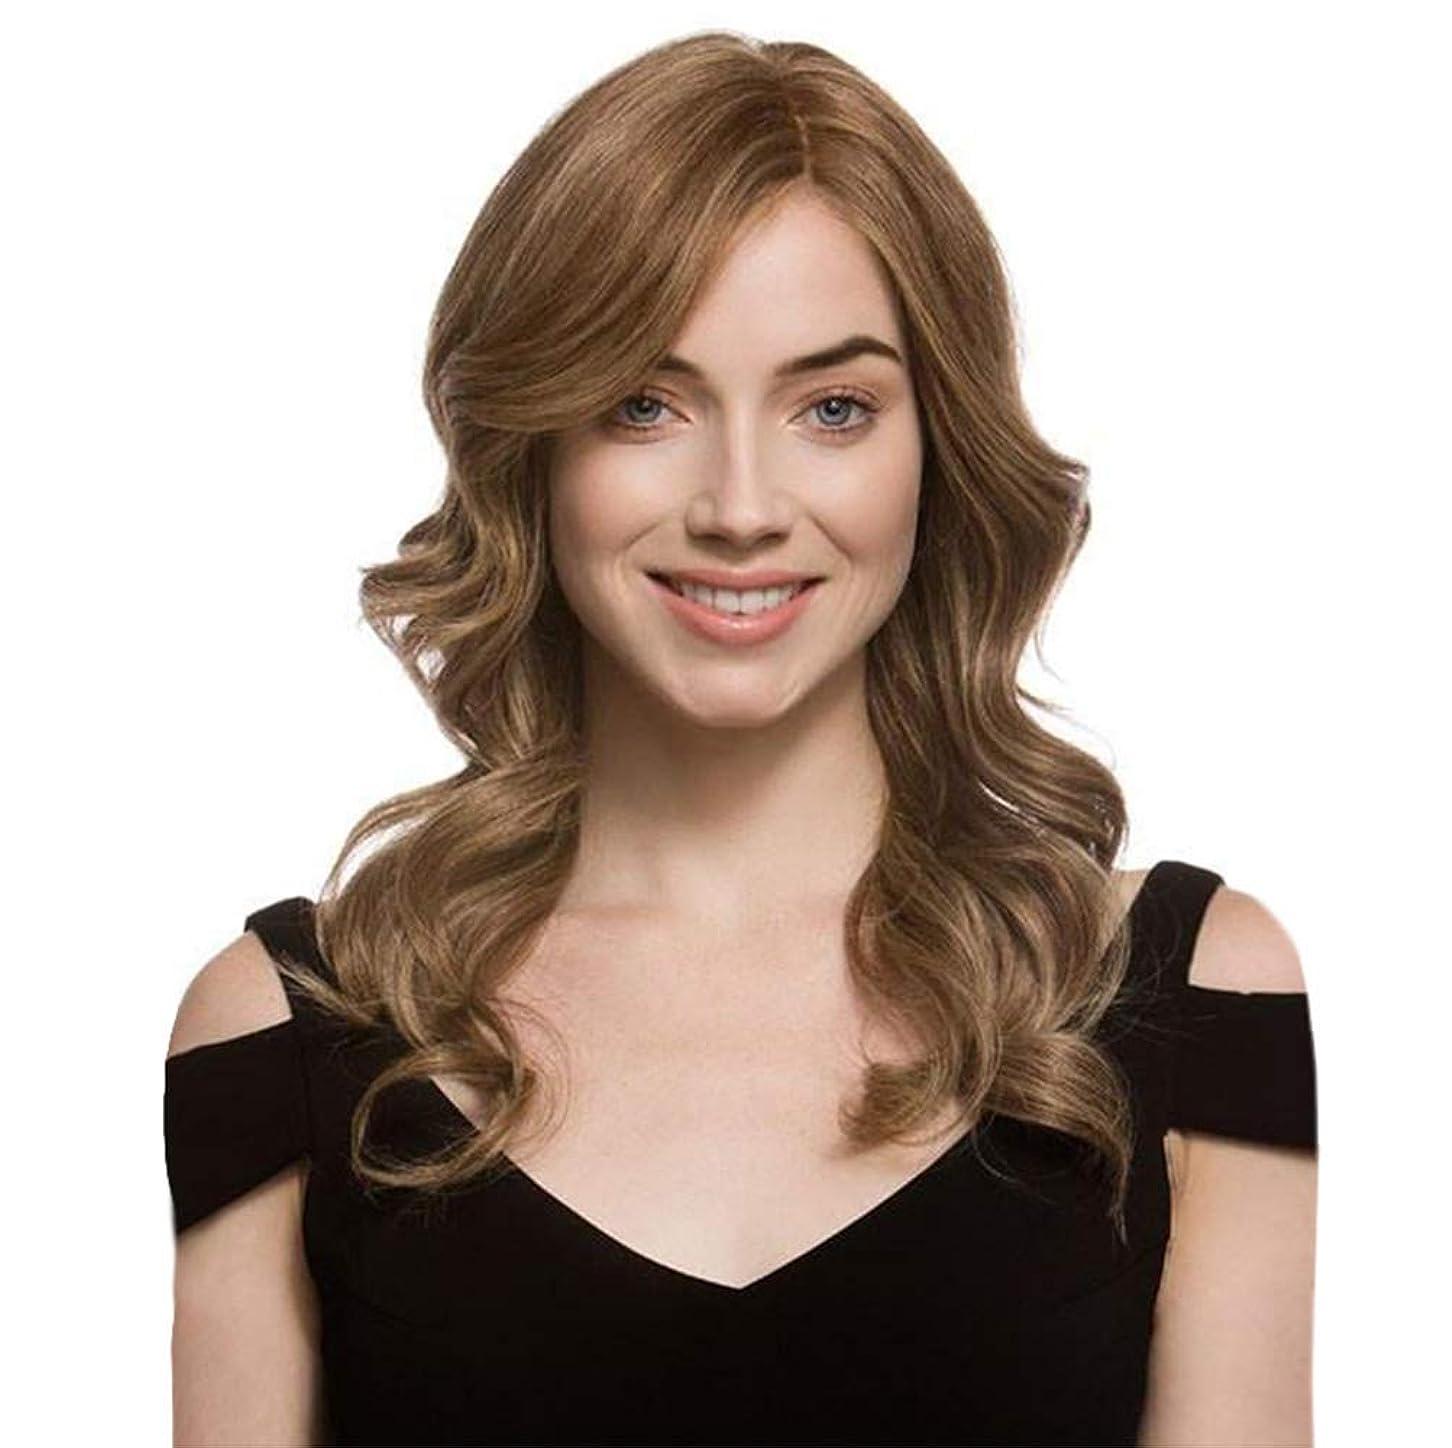 突進バルク動的女性かつら長い波状カーリーローズネットフルウィッグ耐熱合成かつらブラウン65 cm